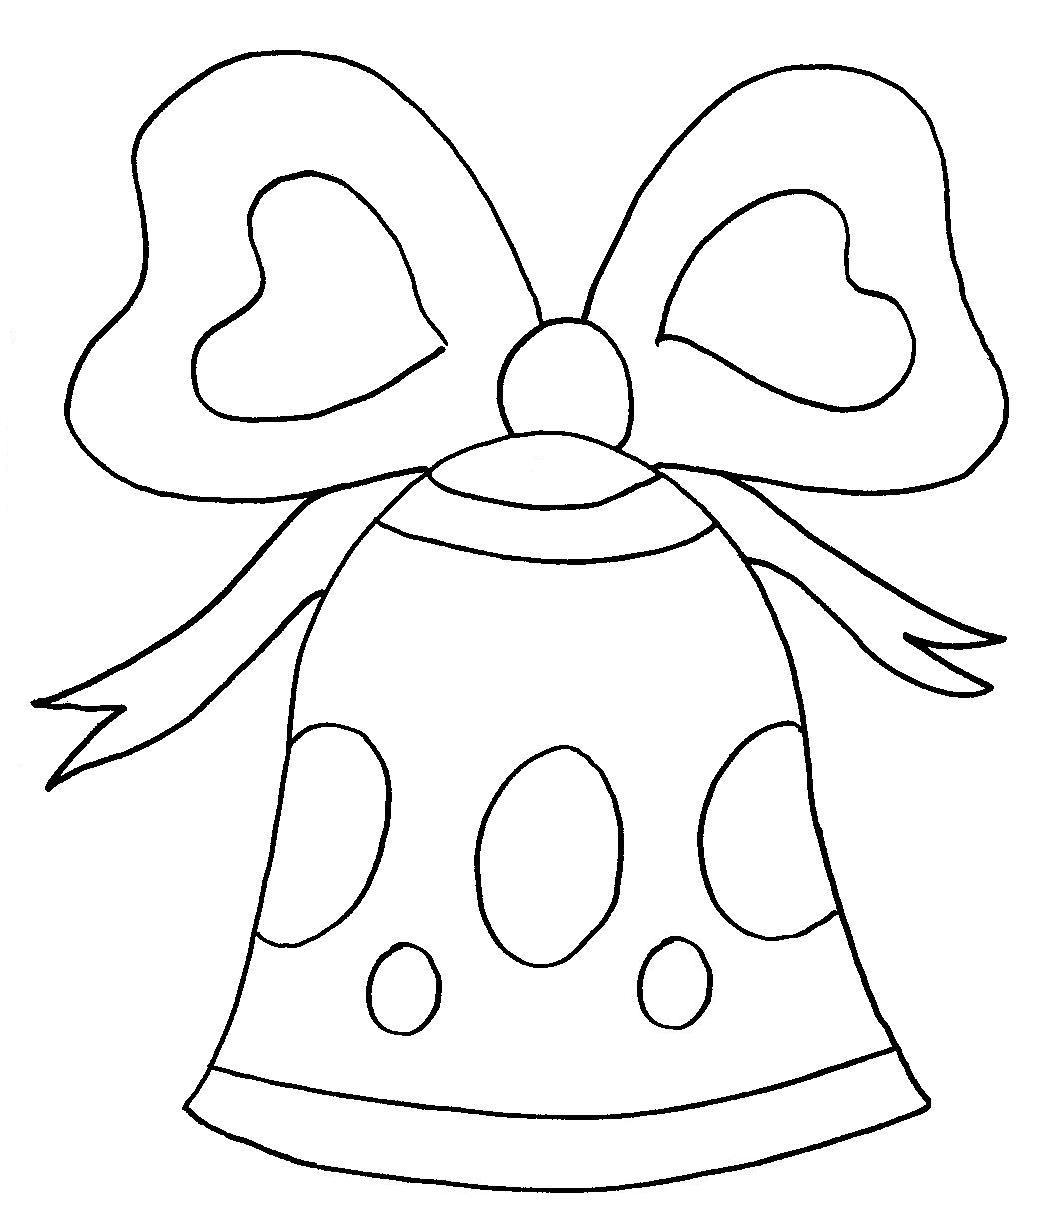 Dibujos para colorear de Campanas de navidad Trato o truco